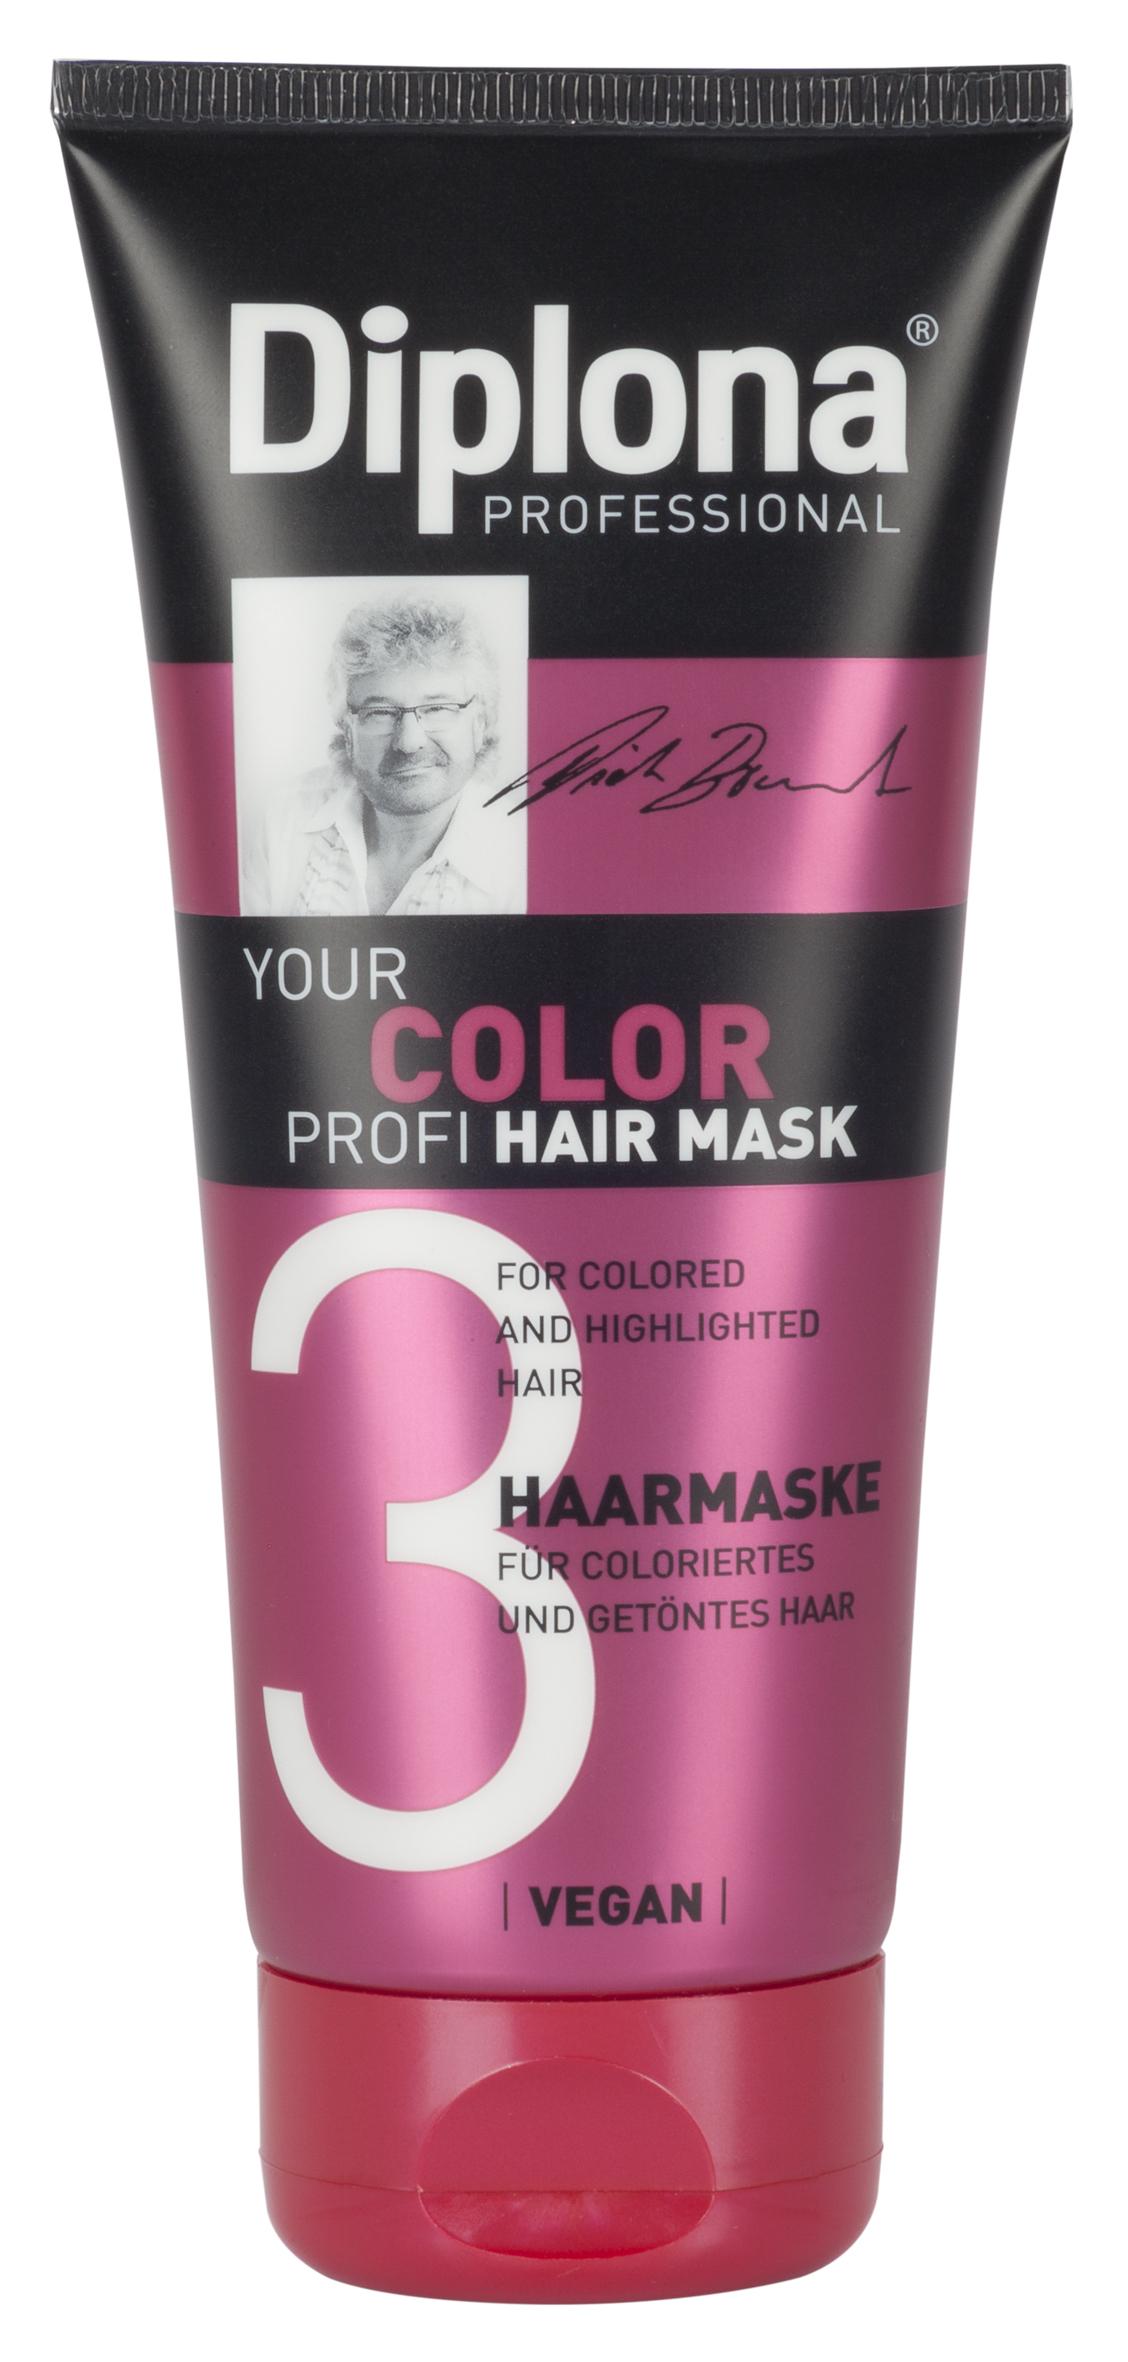 Маска для волос Diplona Professional Your Color Profi, для окрашенных и мелированных волос, 200 мл900703Маска для волос Diplona Professional Your Color Profi - бережный уход для окрашенных и мелированных волос. Основные компоненты: Масло жожоба - богато витамином Е, активизирует процессы регенерации. Обеспечивает защитный слой, не оставляет жирного блеска на коже и волосах. Пантенол - помогает восстановить поврежденные волосяные луковицы и секущиеся концы волос. УФ фильтр осторожно обволакивает волосы, тем самым защищая их от неблагоприятных факторов окружающей среды и предотвращая сухость, ломкость, потускнение и изменение цвета окрашенных и мелированных волос. Экстракт инжира - глубоко увлажняет и смягчает волосы, оказывает восстанавливающее действие. Витамин B3 - способствует росту волос. Протеины пшеницы - способствуют восстановлению блеска и эластичности волос, поддерживает и восстанавливает расщепленные кончики волос, что особенно актуально при использовании красителей для волос. Экстракт Алоэ Вера - регулирует водный баланс волос, способствует сохранению влаги и поддержанию великолепного внешнего вида волос. Характеристики: Объем: 200 мл. Производитель: Германия. Артикул: 95181.Diplona Professionalсуществует на немецком рынке более 40 лет, была разработана совместно с лучшим стилистом, неоднократным победителем конкурсов парикмахерского искусства Германии и основателем немецких салонов красоты с 60-летней историей Дитером Брюннетом.Товар сертифицирован.